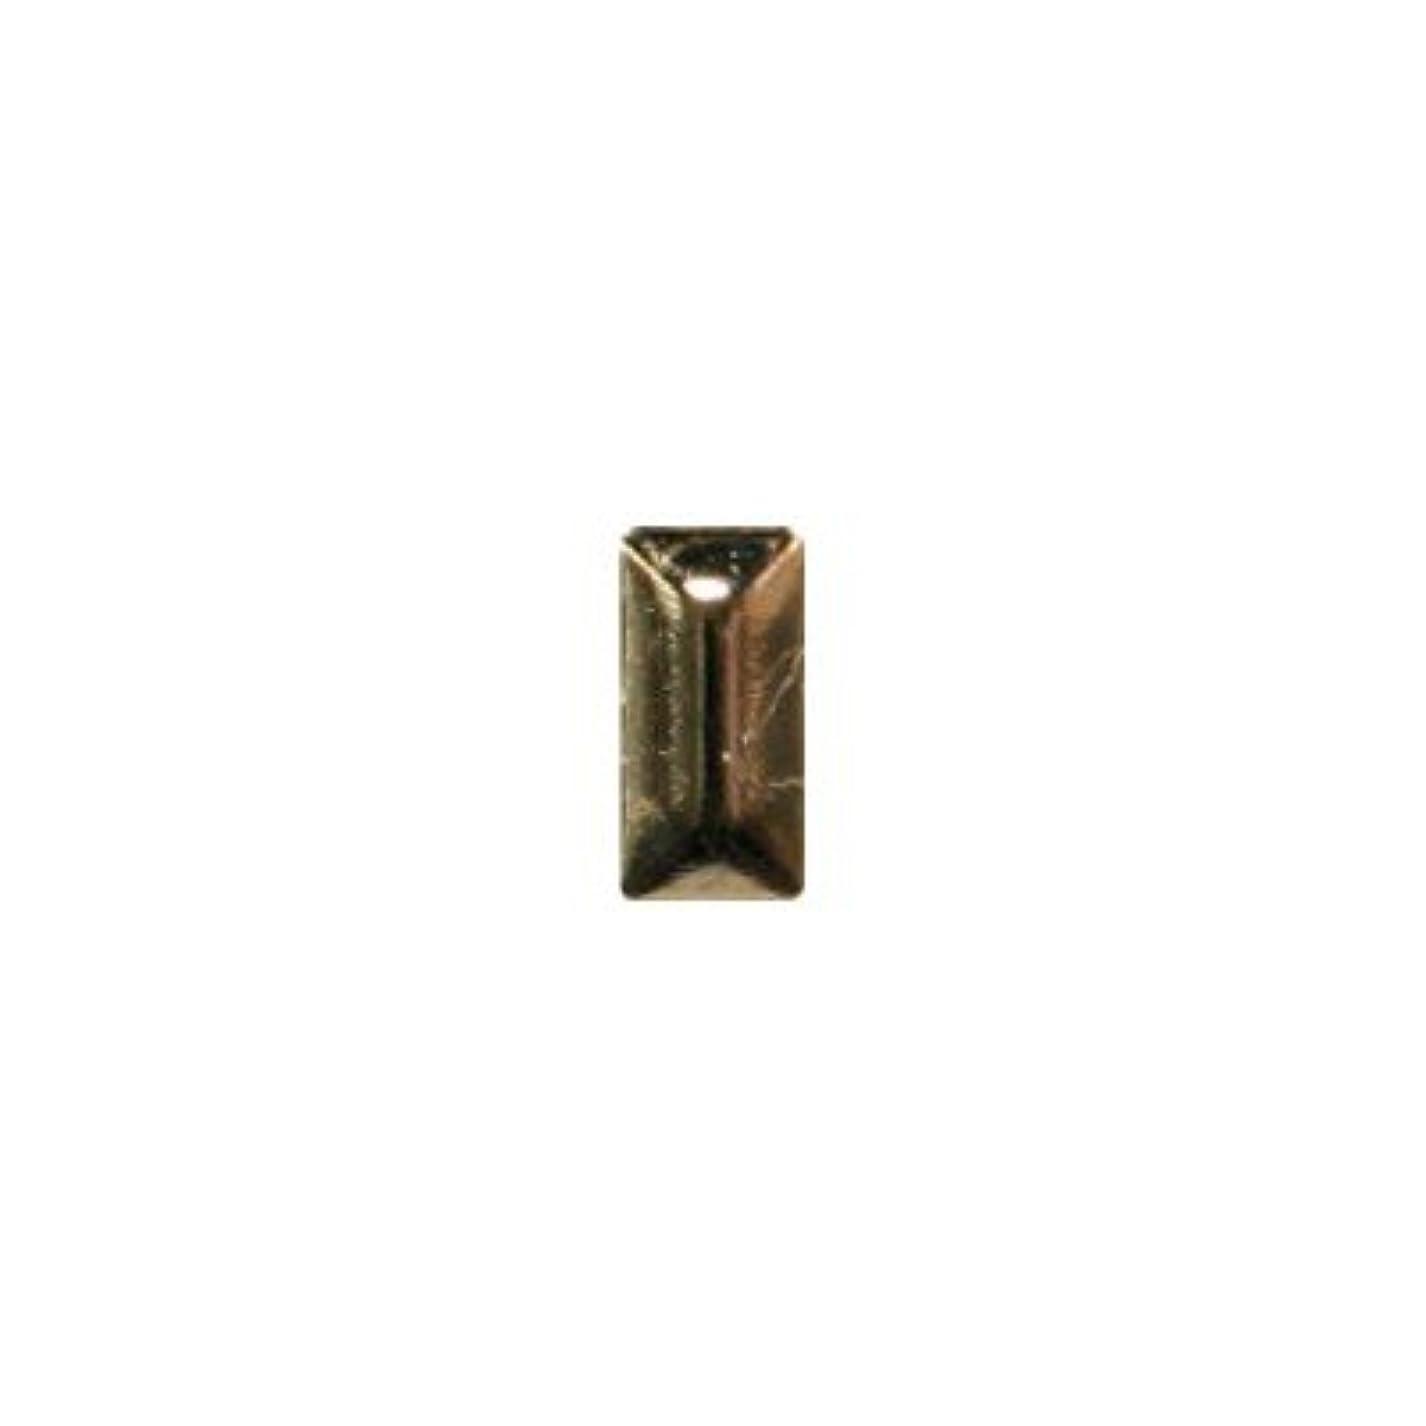 嫉妬震える沈黙ピアドラ スタッズ メタル長方形 2×4mm 50P ゴールド